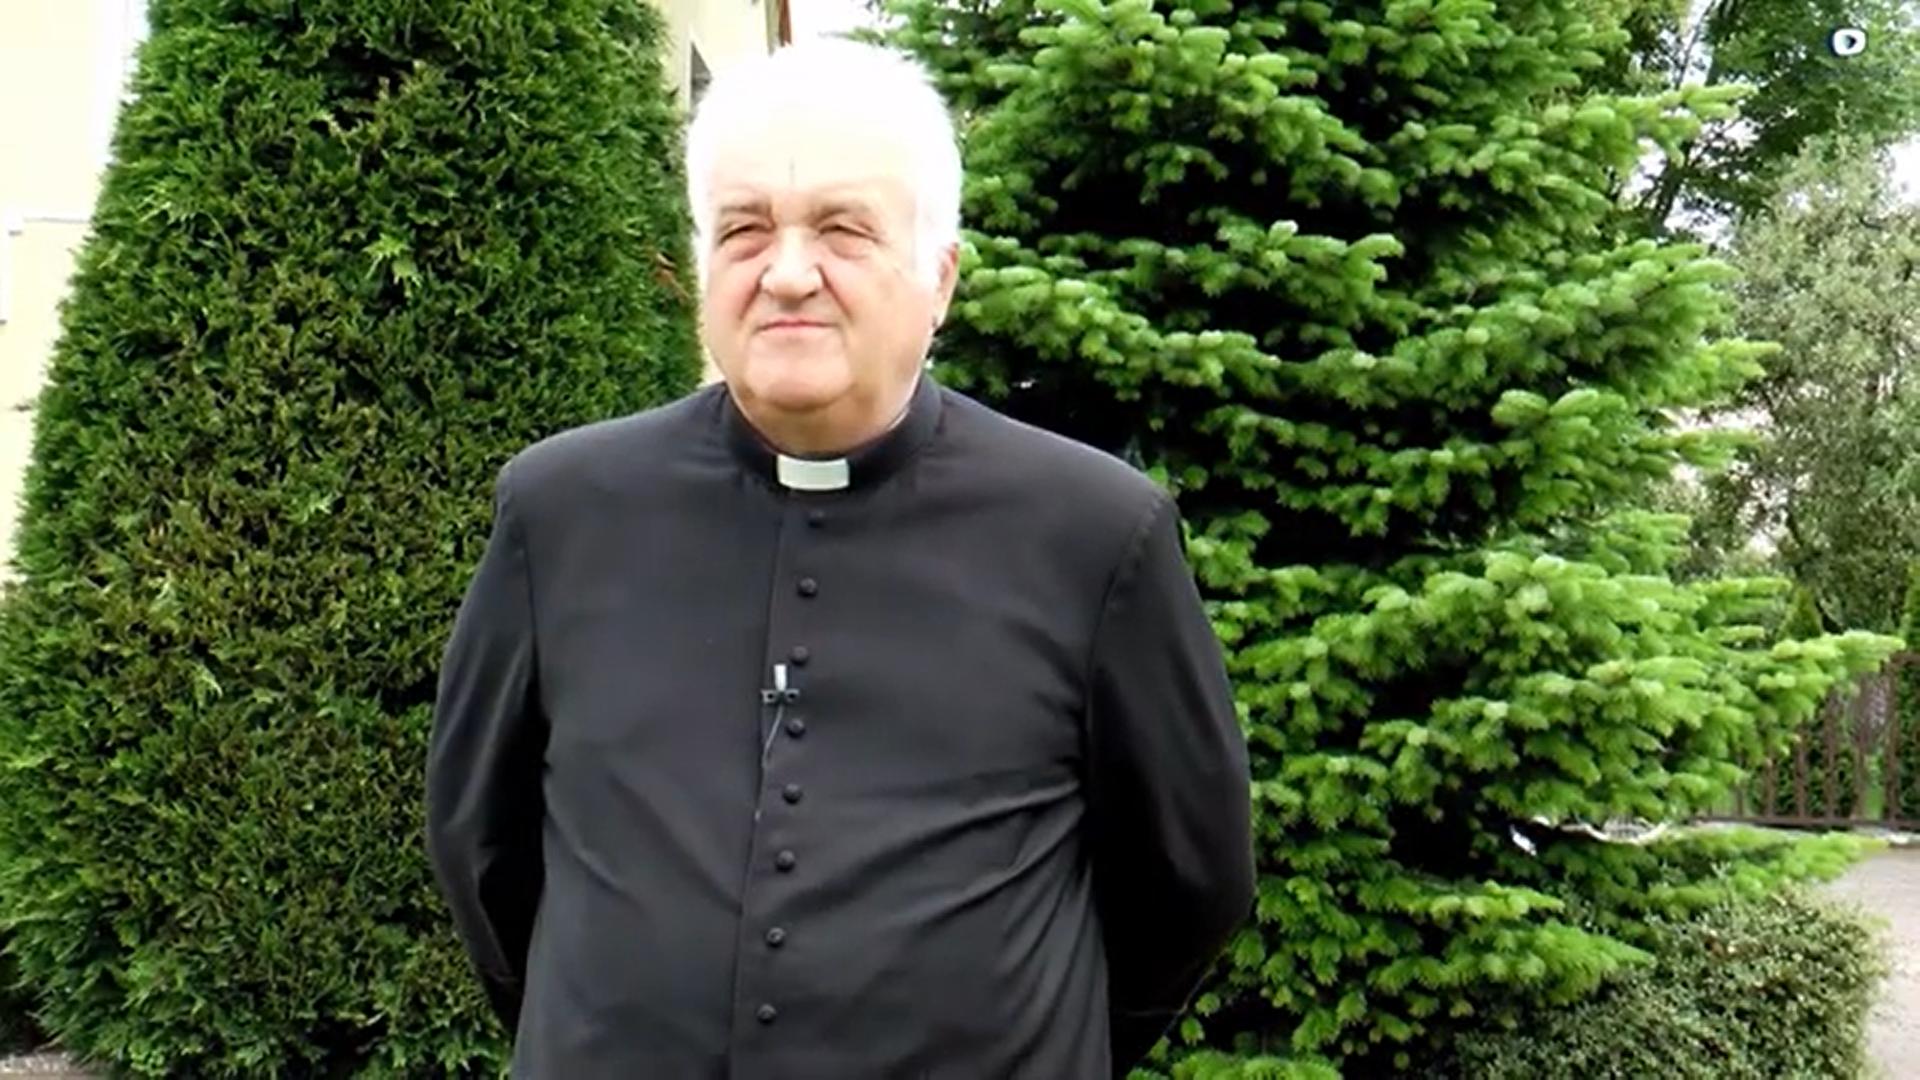 Proboszcz zaprasza na nabożeństwo (wideo)